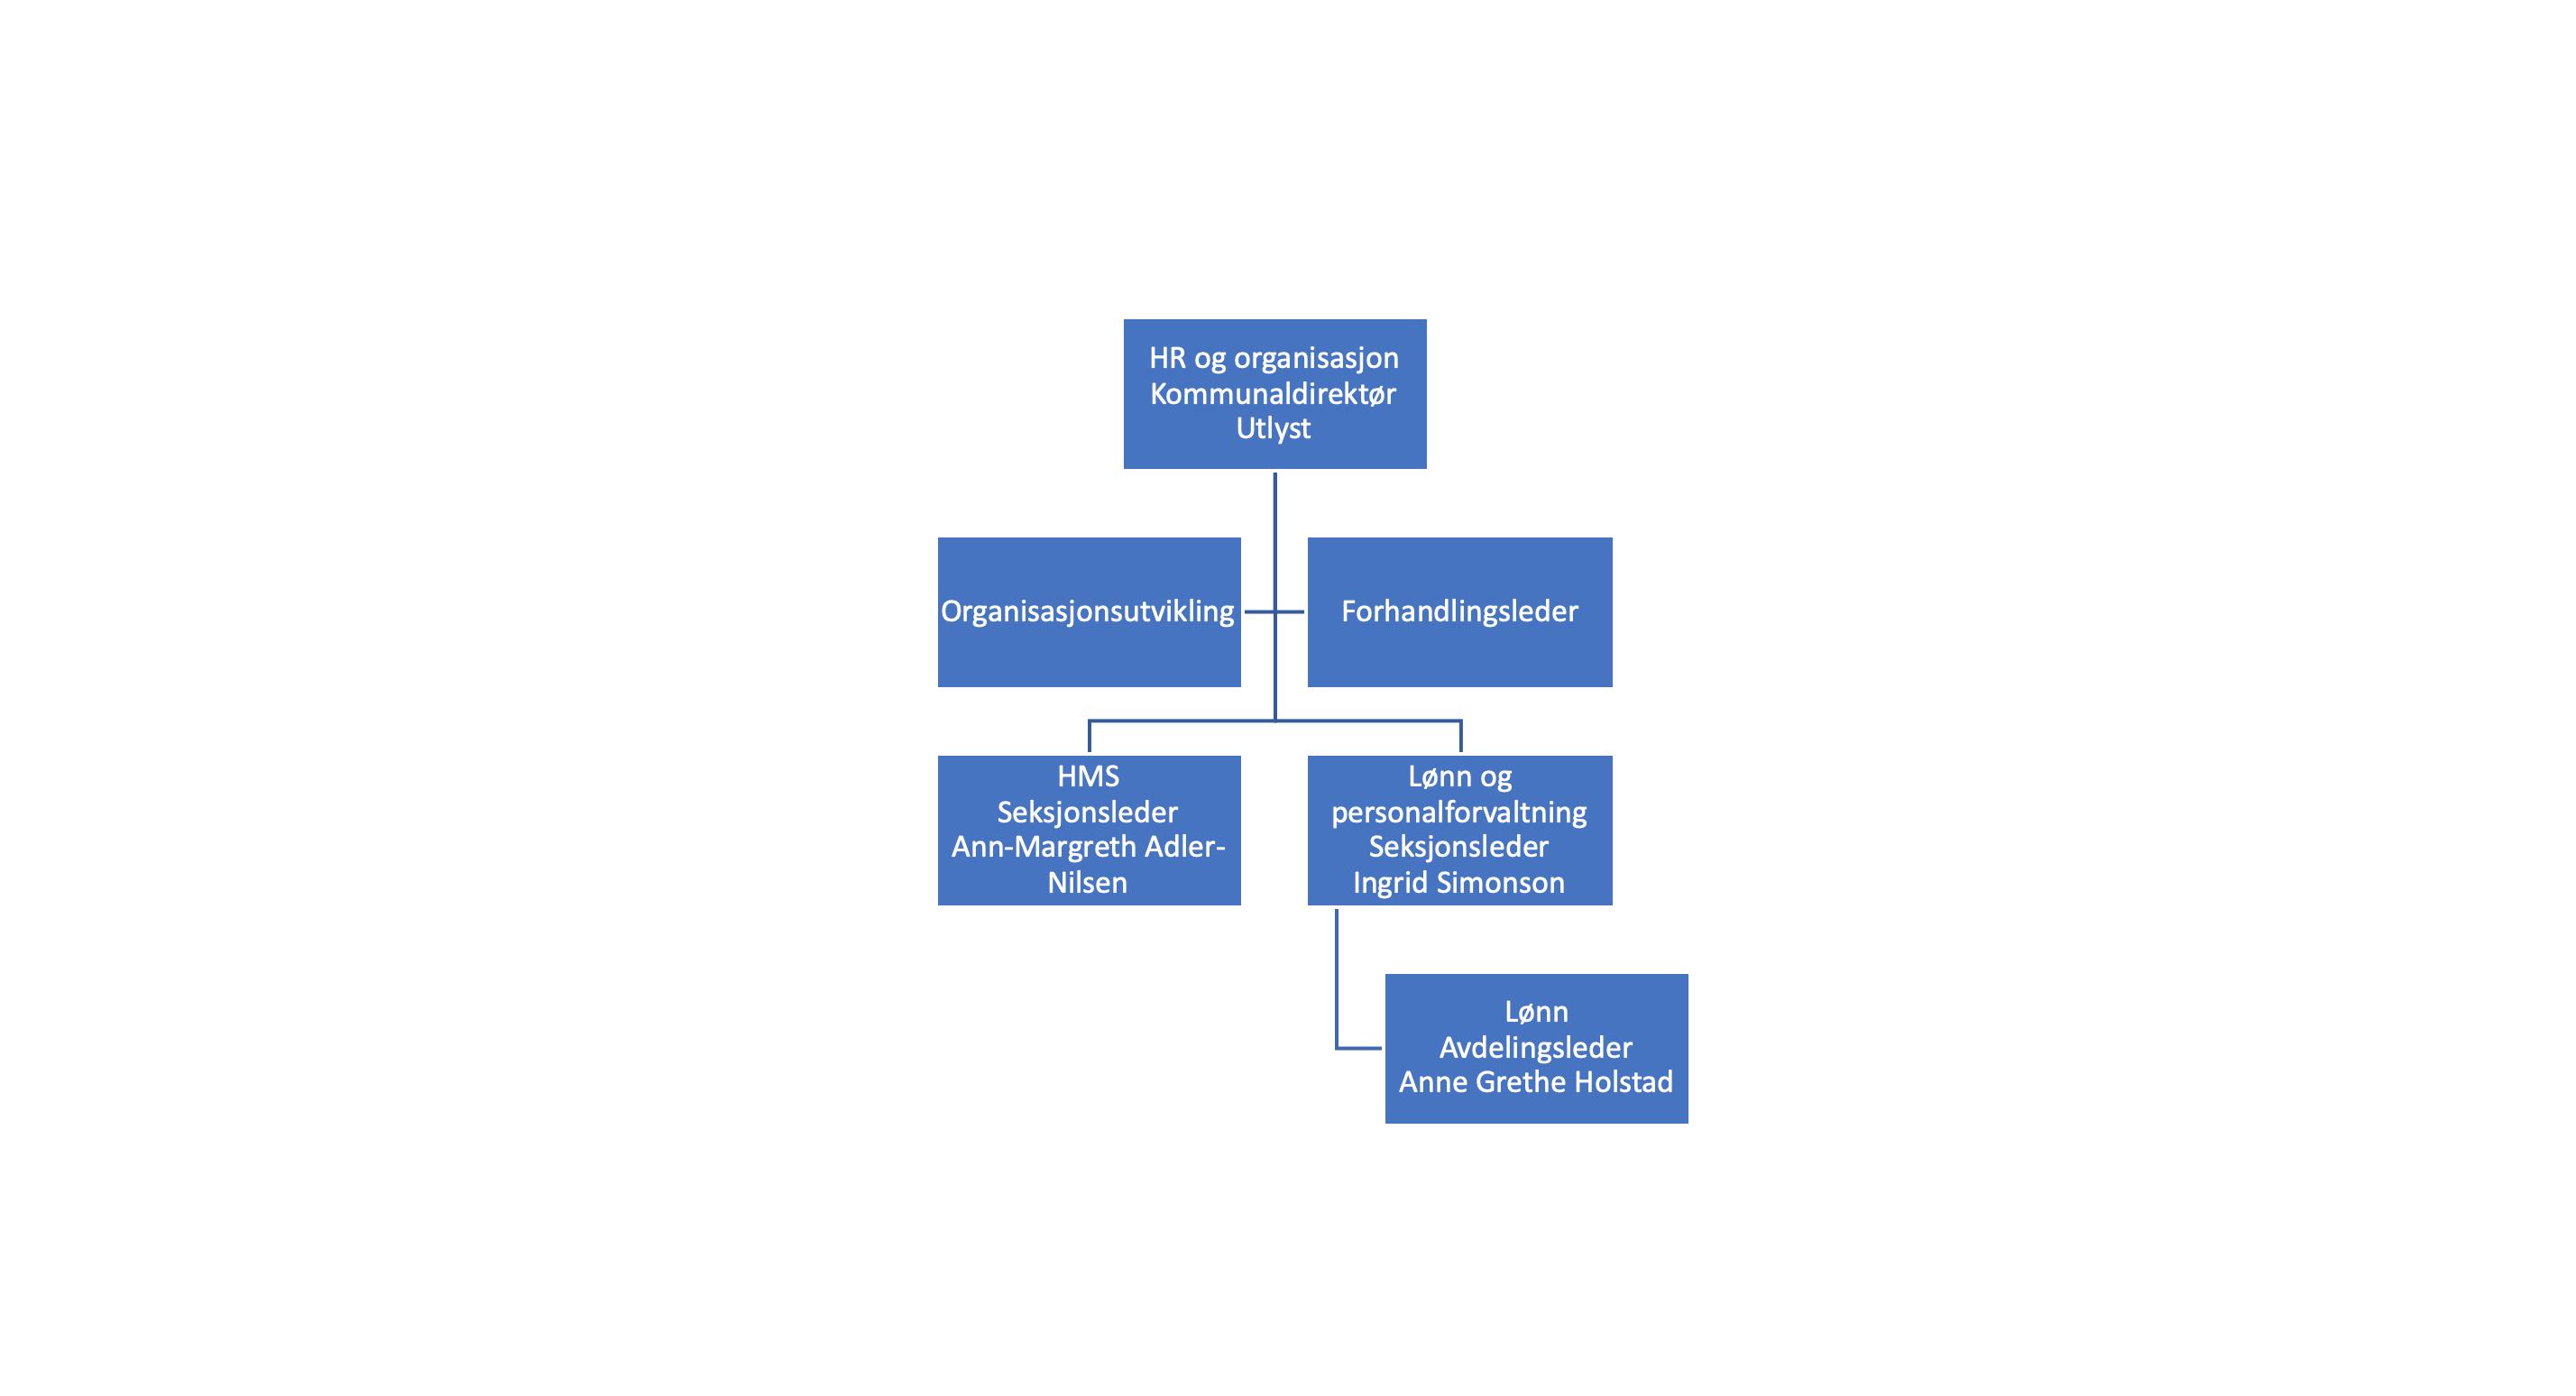 HR og organisasjon NY.png